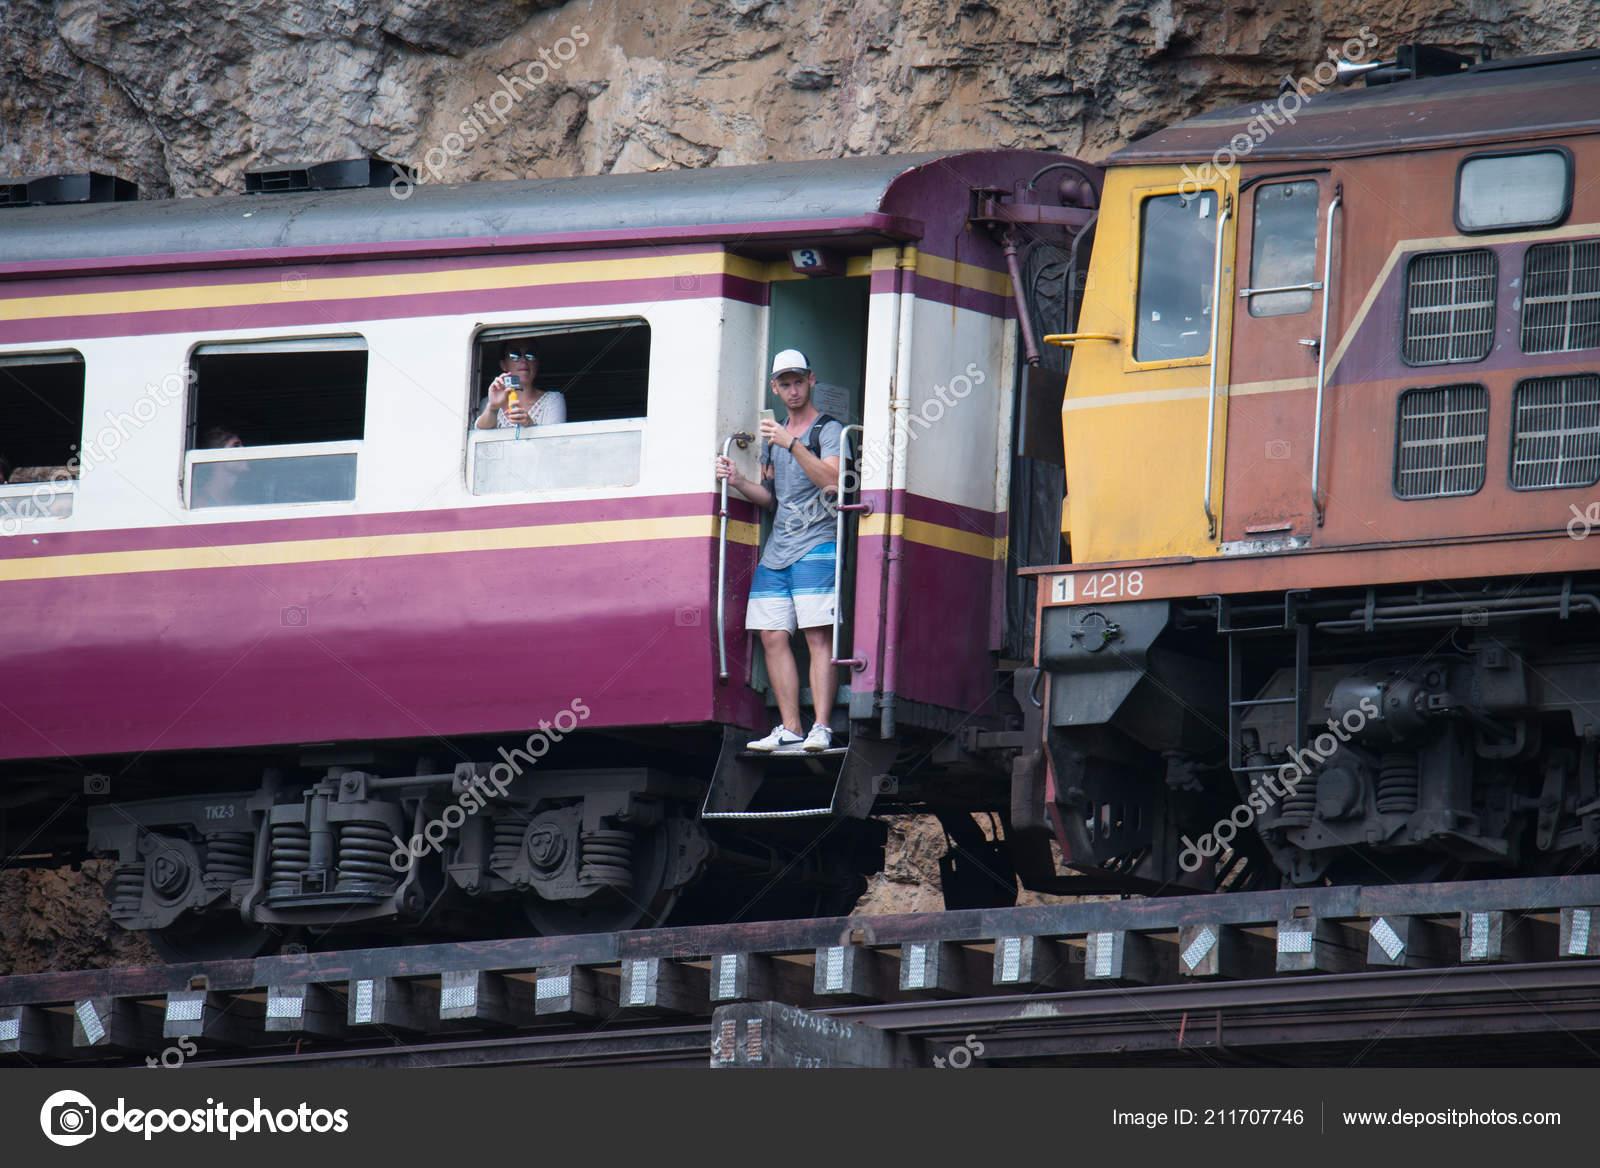 Kanchanaburi Tailandia Agosto 2017 Los Viajeros Disfrutan Viaje Tren